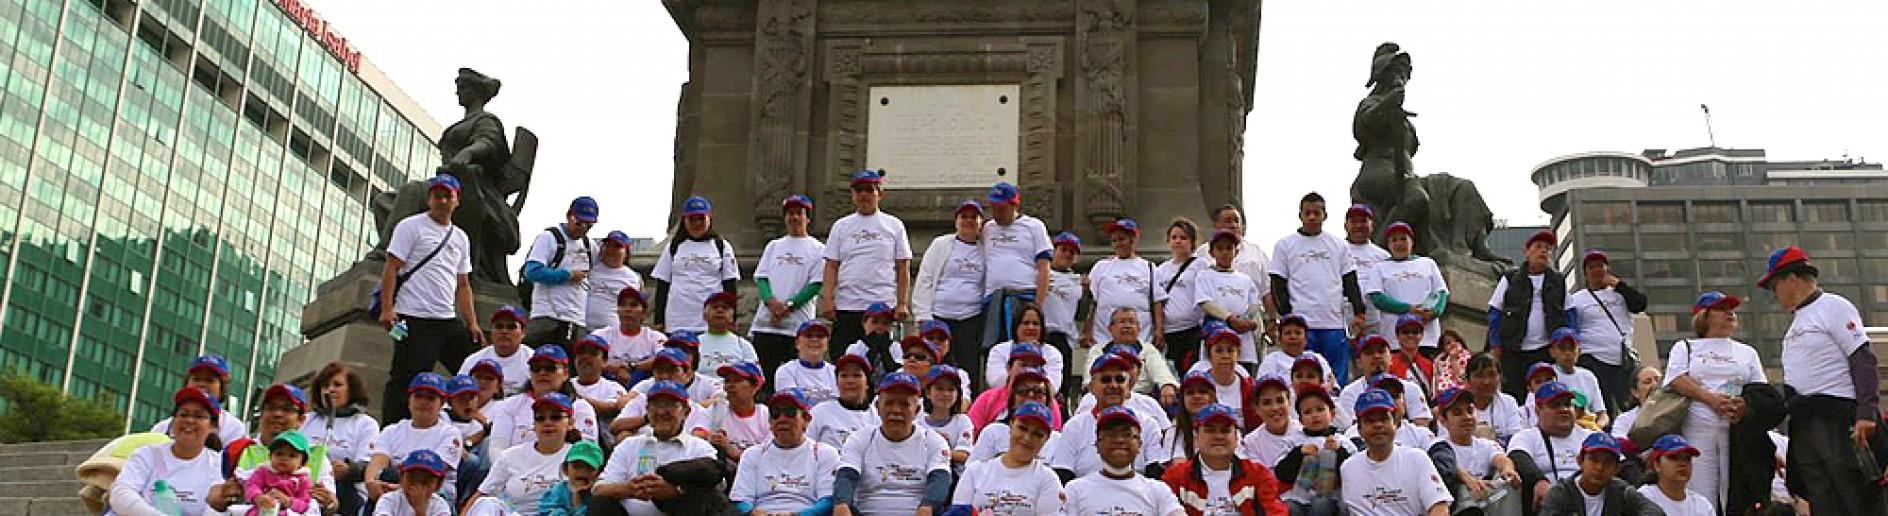 WKD  2014 Mexico City